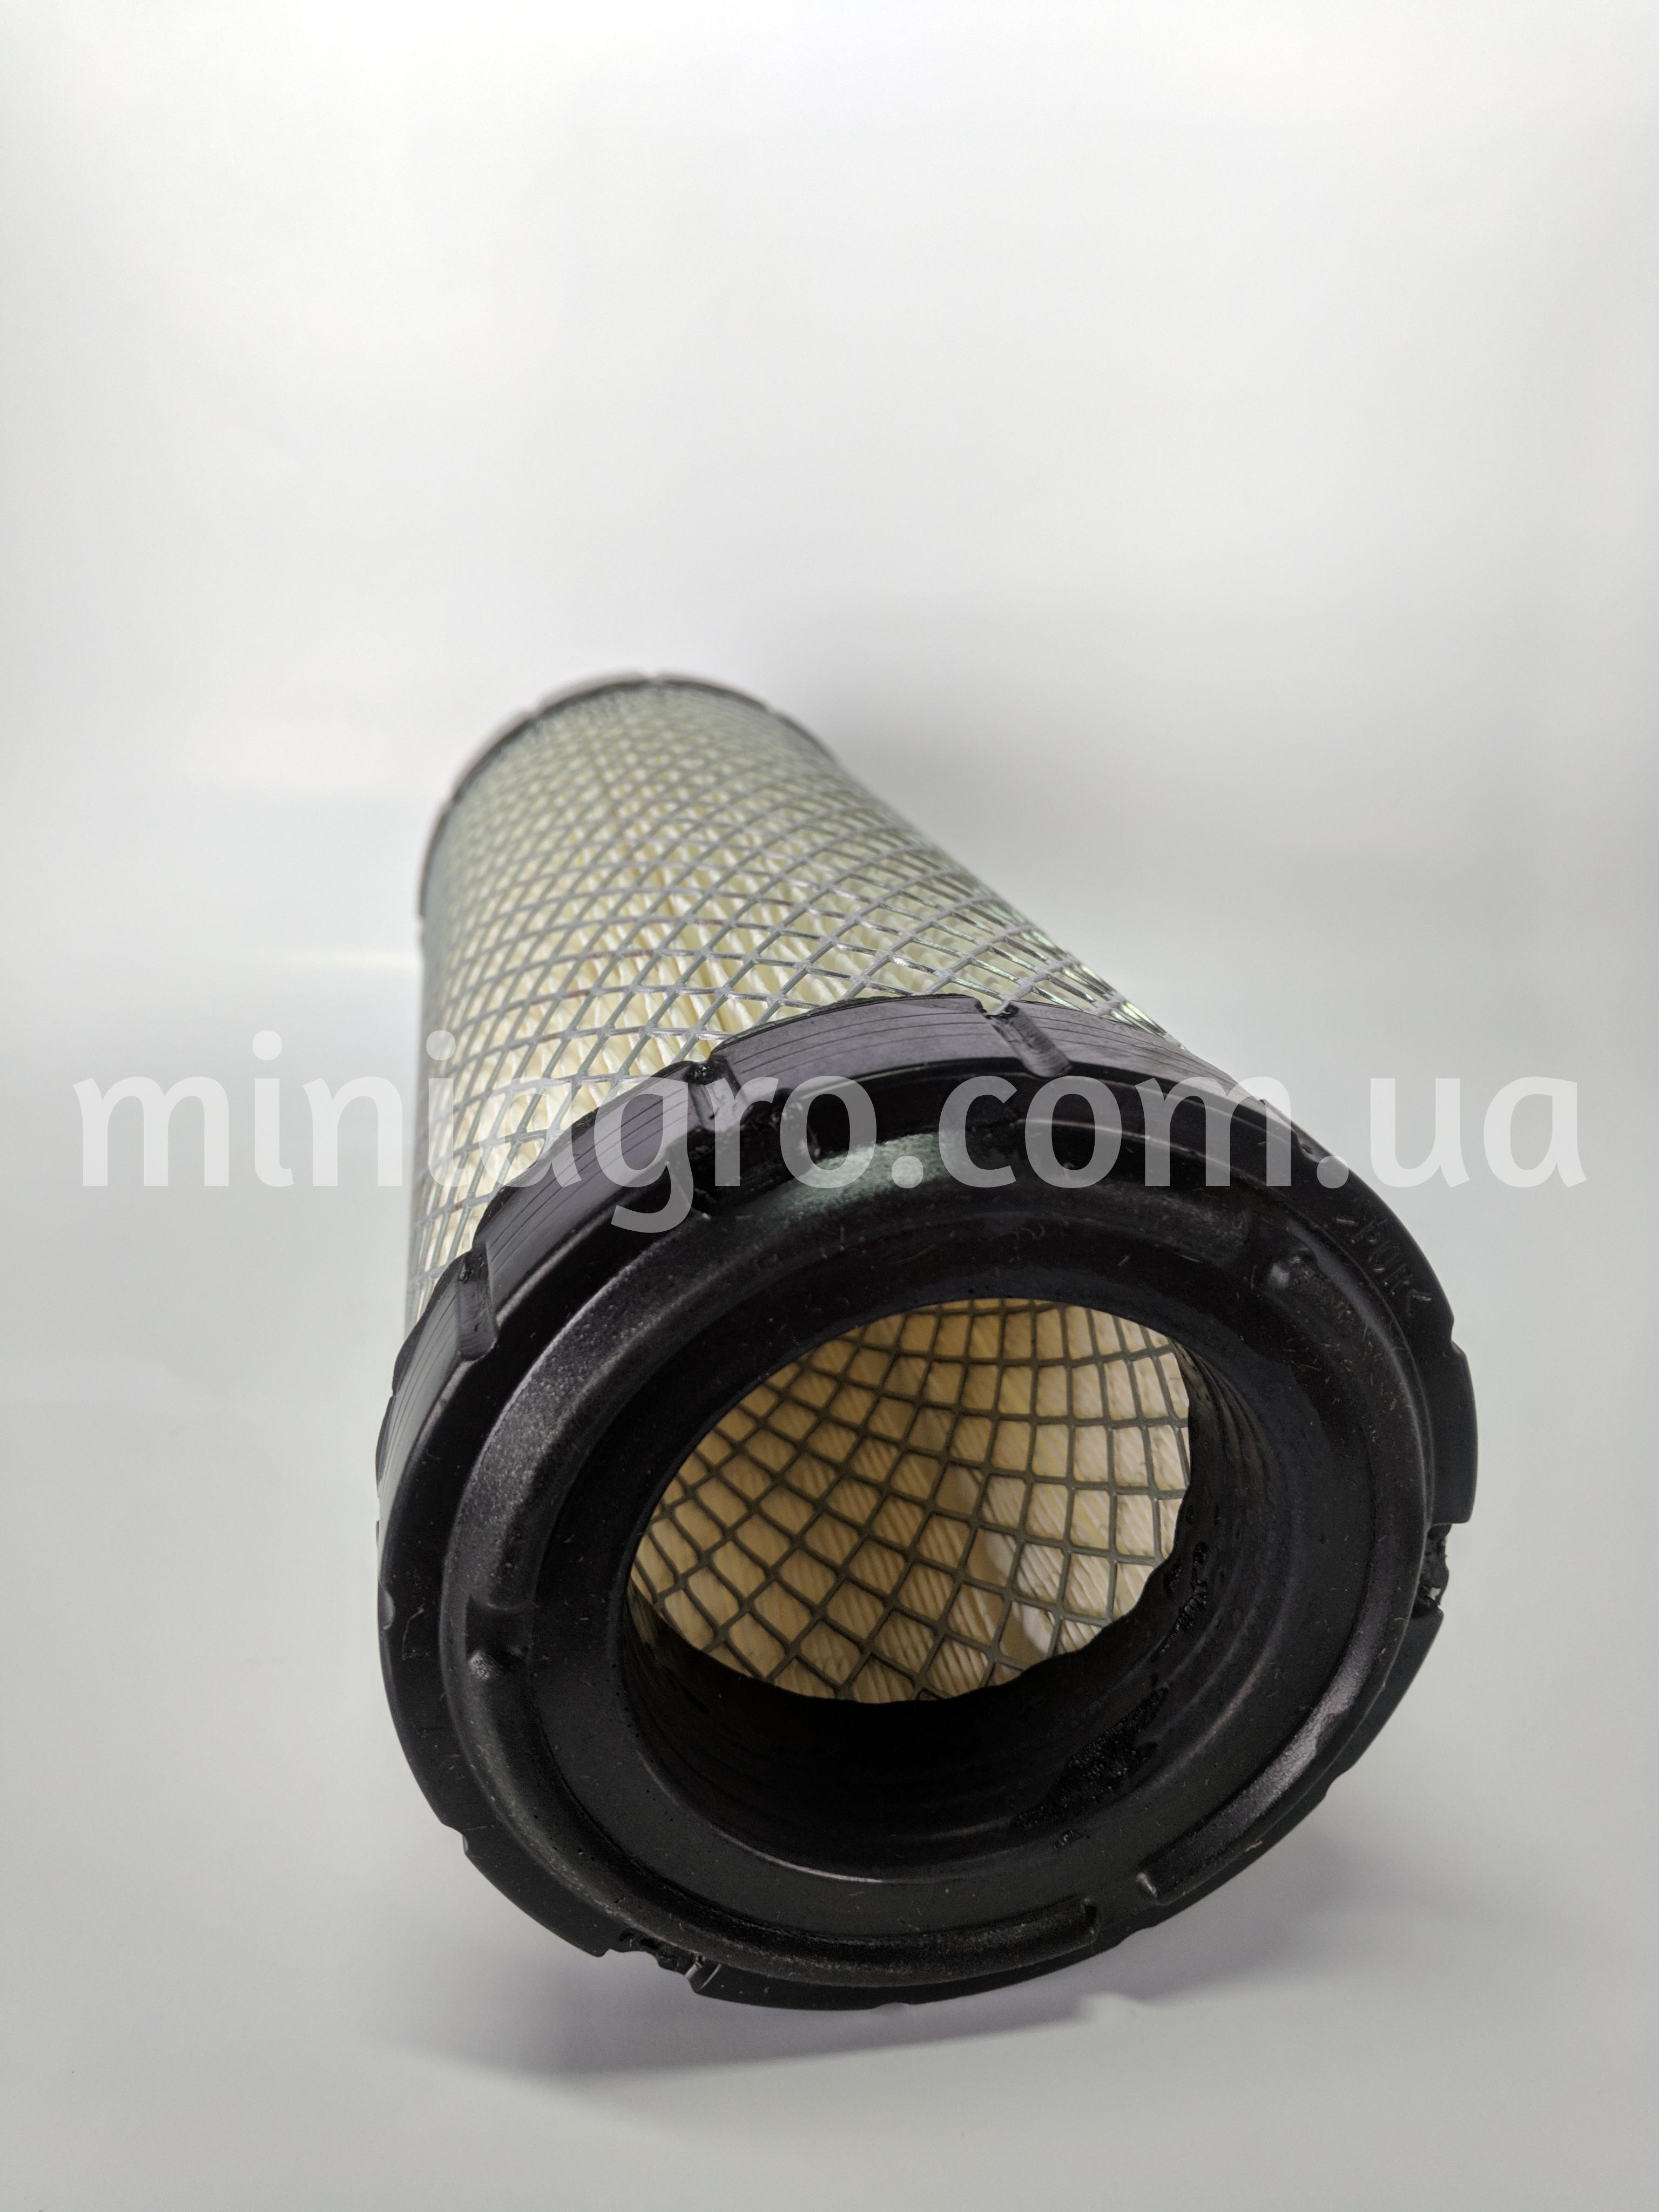 Наружный воздушный фильтр SOLIS 20